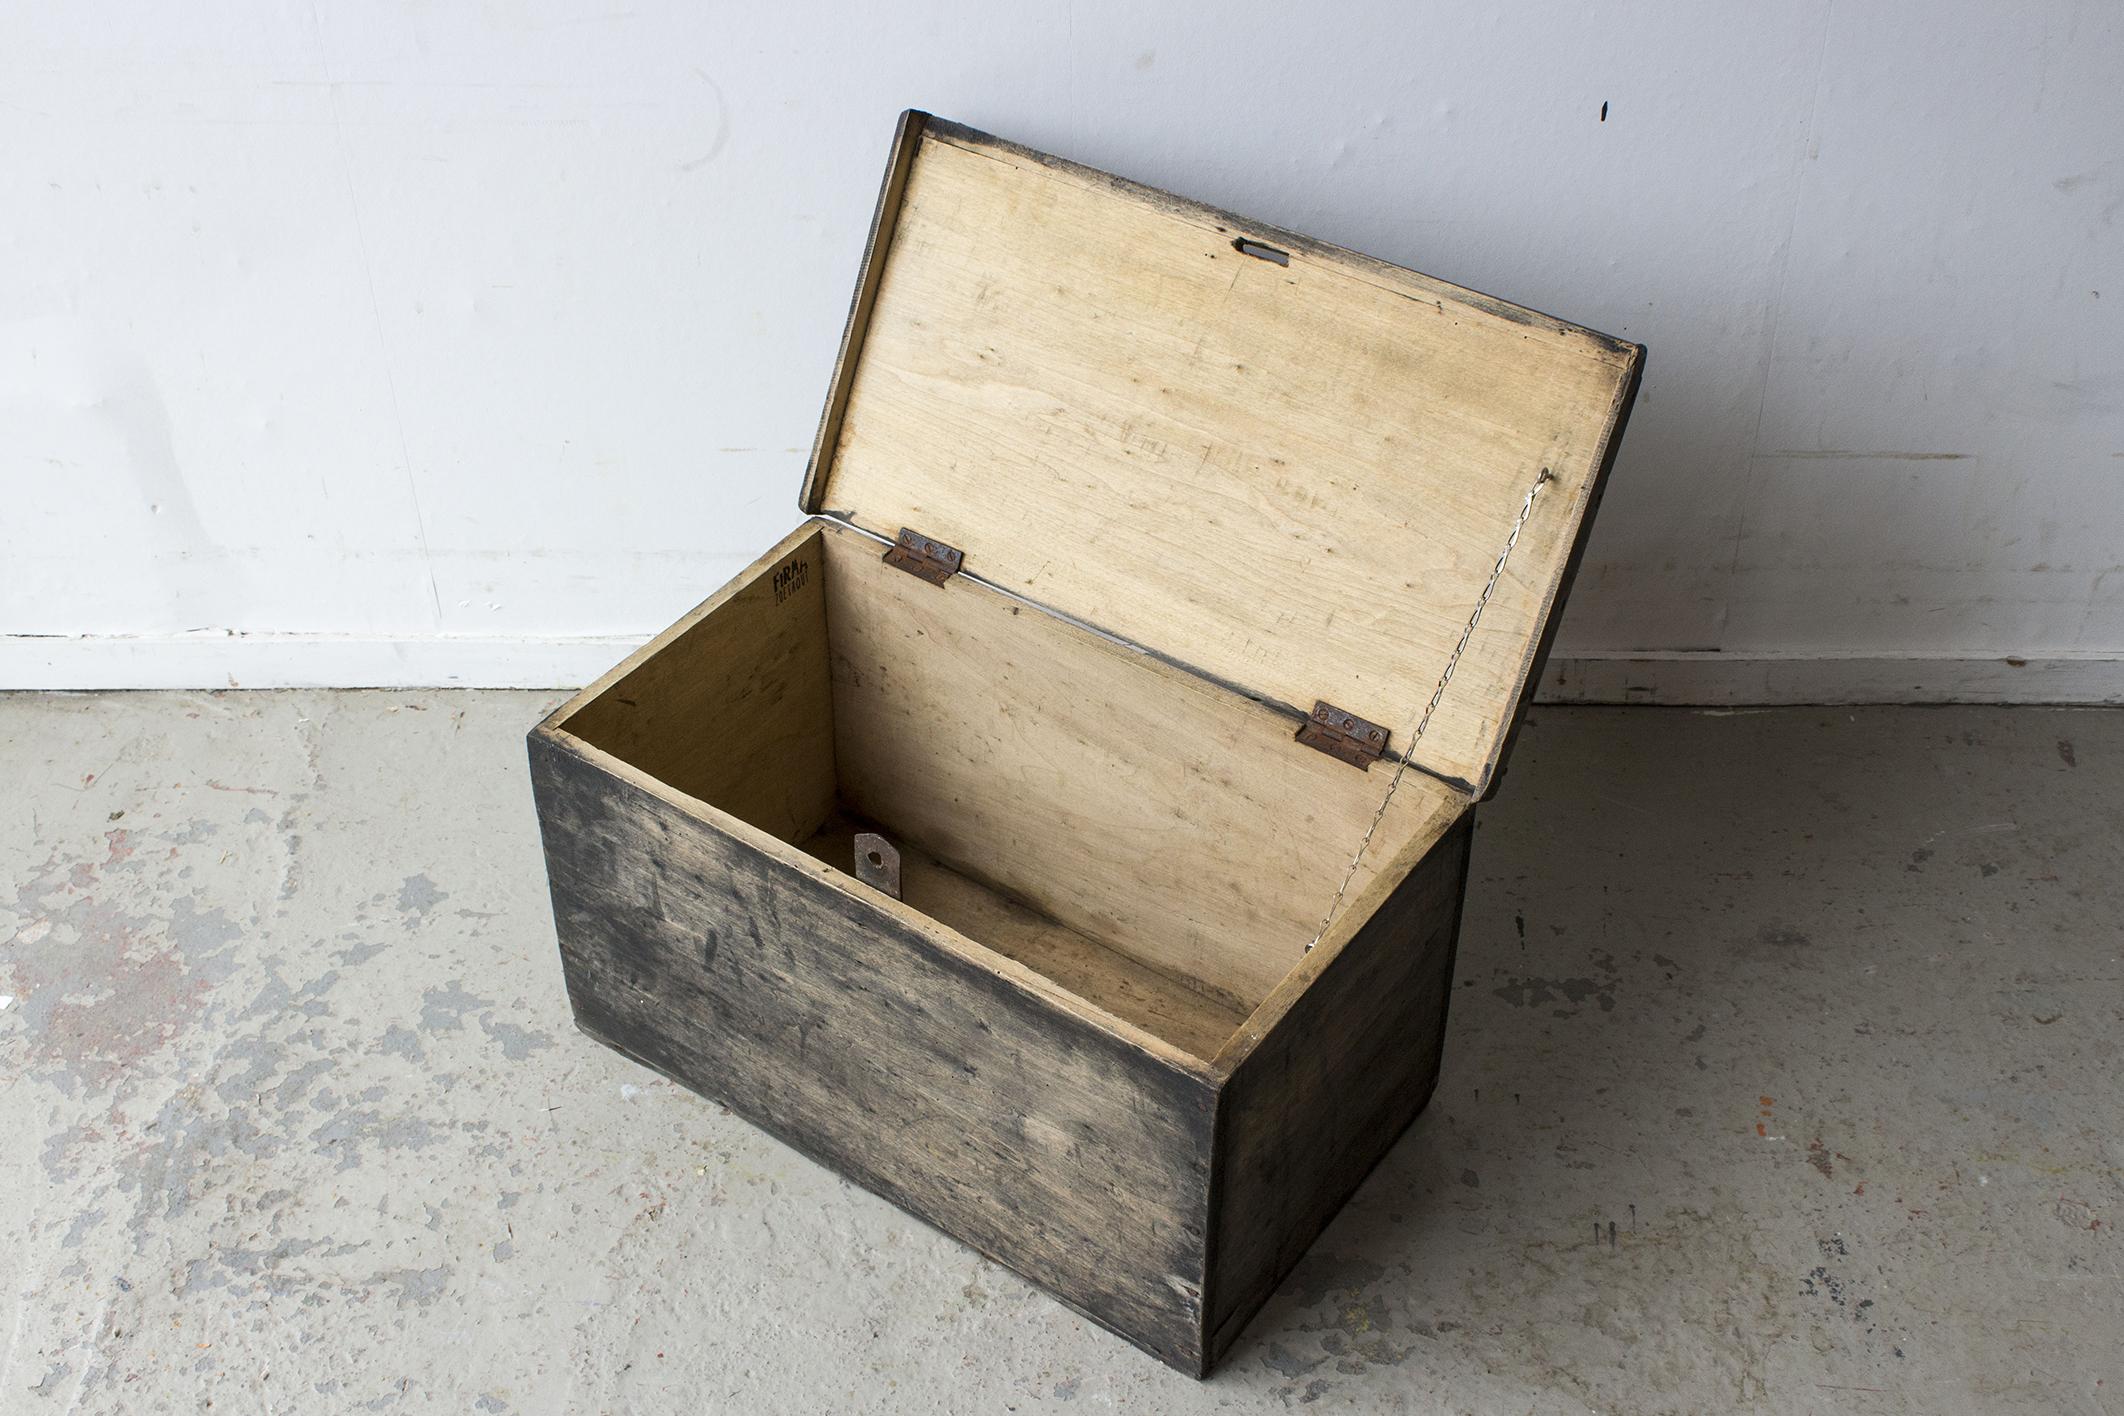 zwart vintage kistje -  Firma zoethout_1.jpg